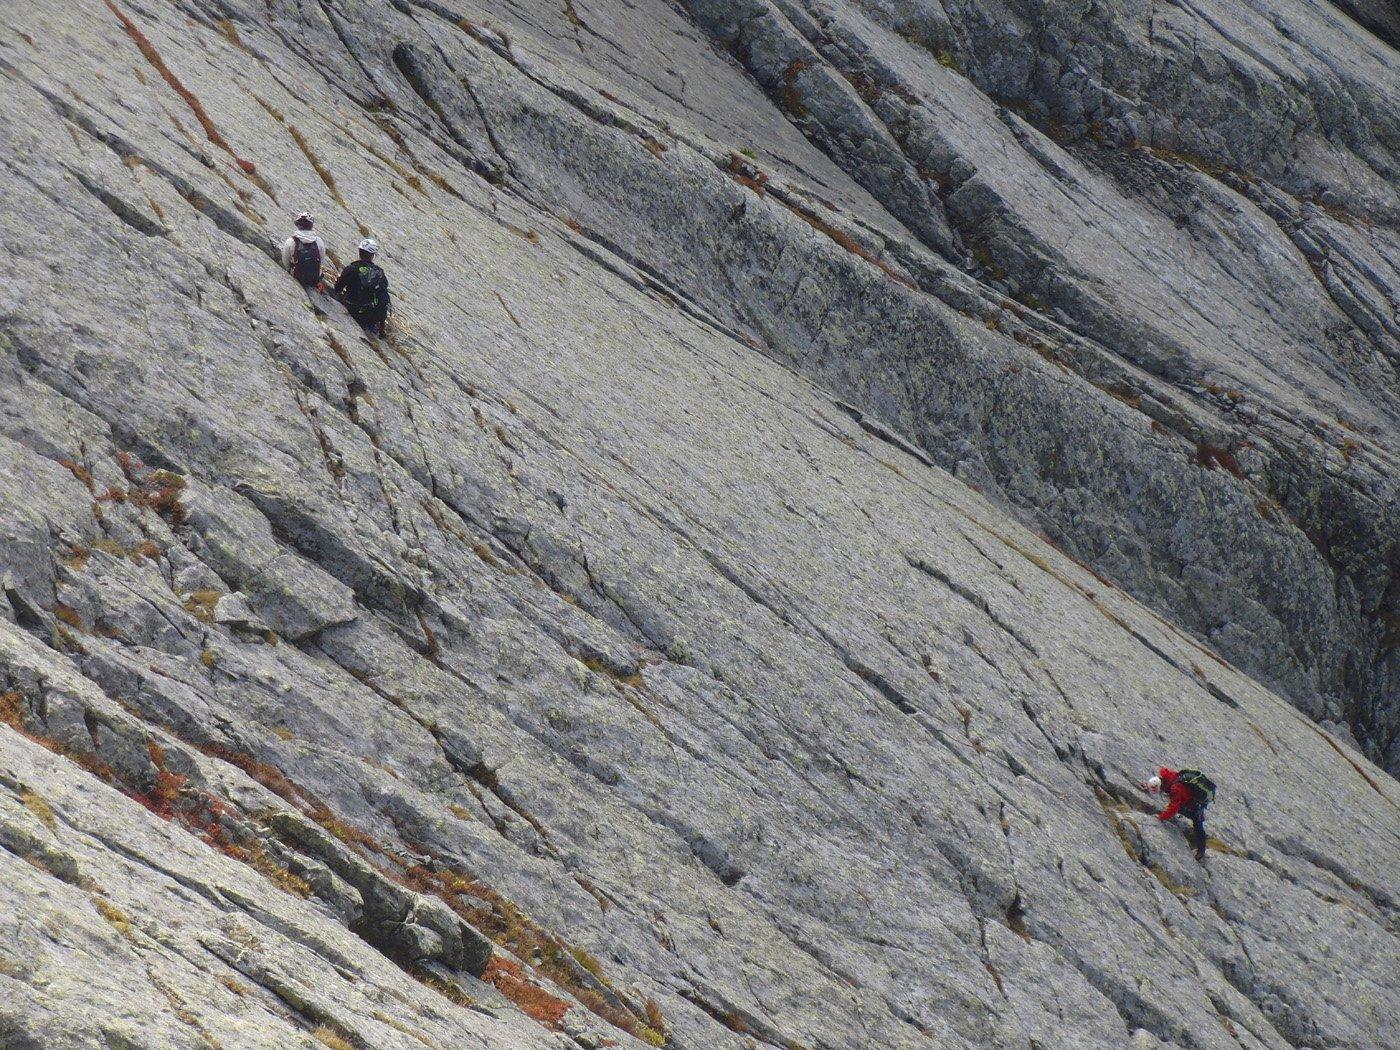 Serene (Punta delle) via Coli-Coli 2016-09-25